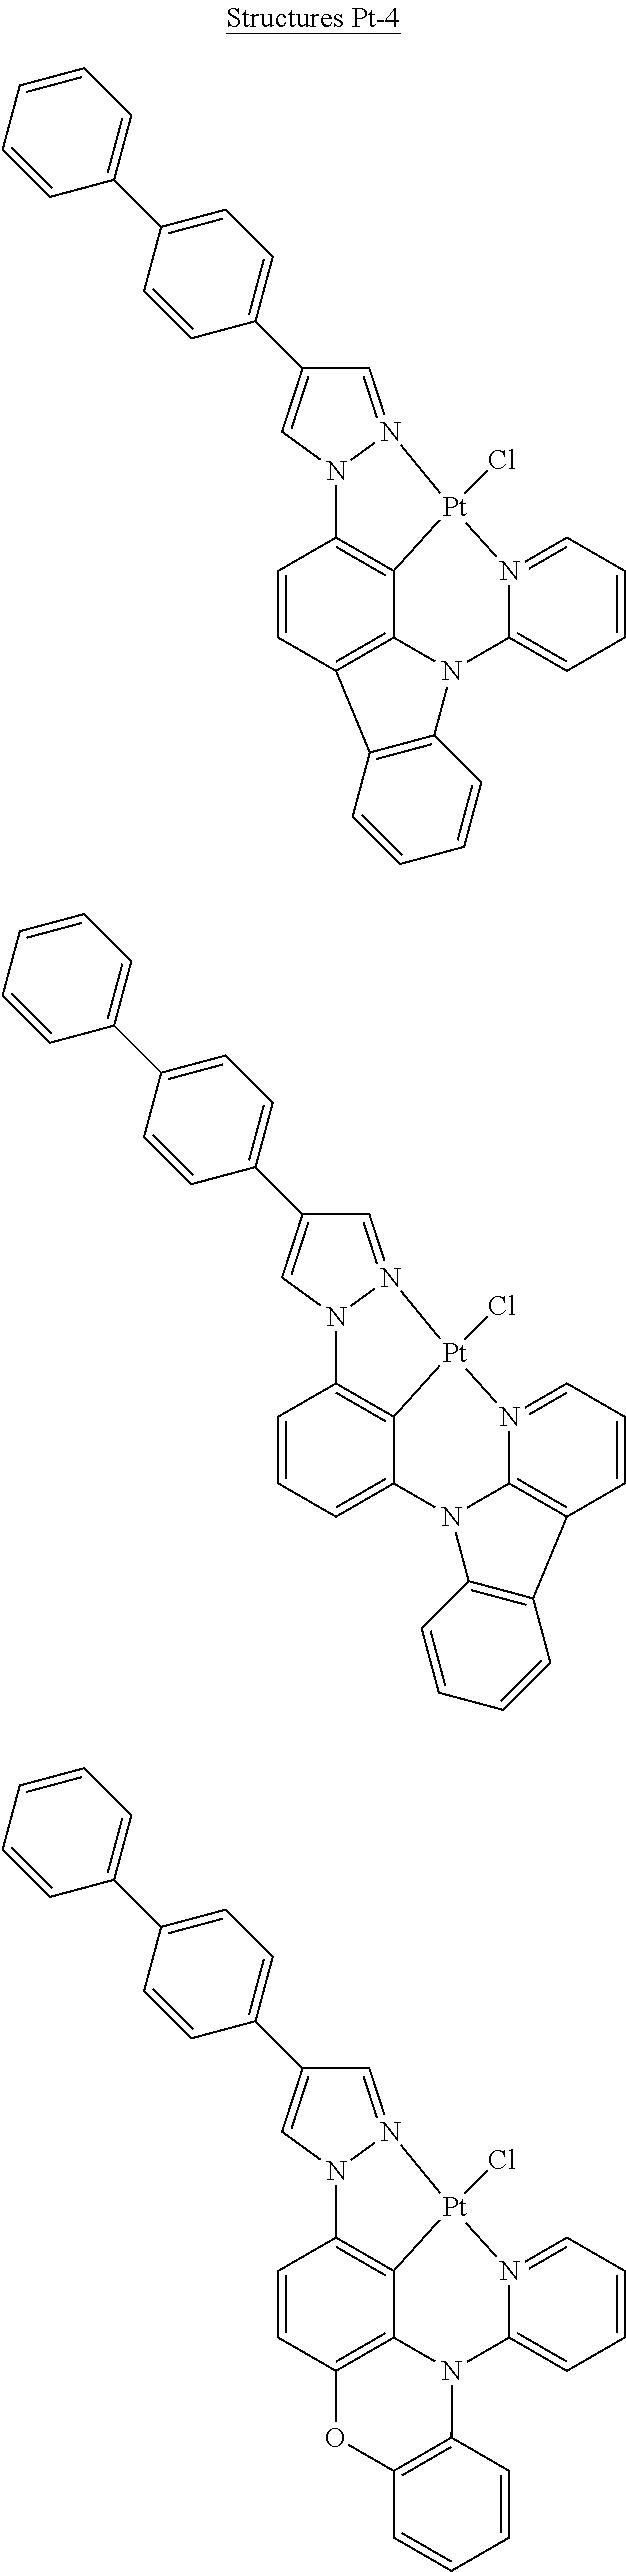 Figure US09818959-20171114-C00142